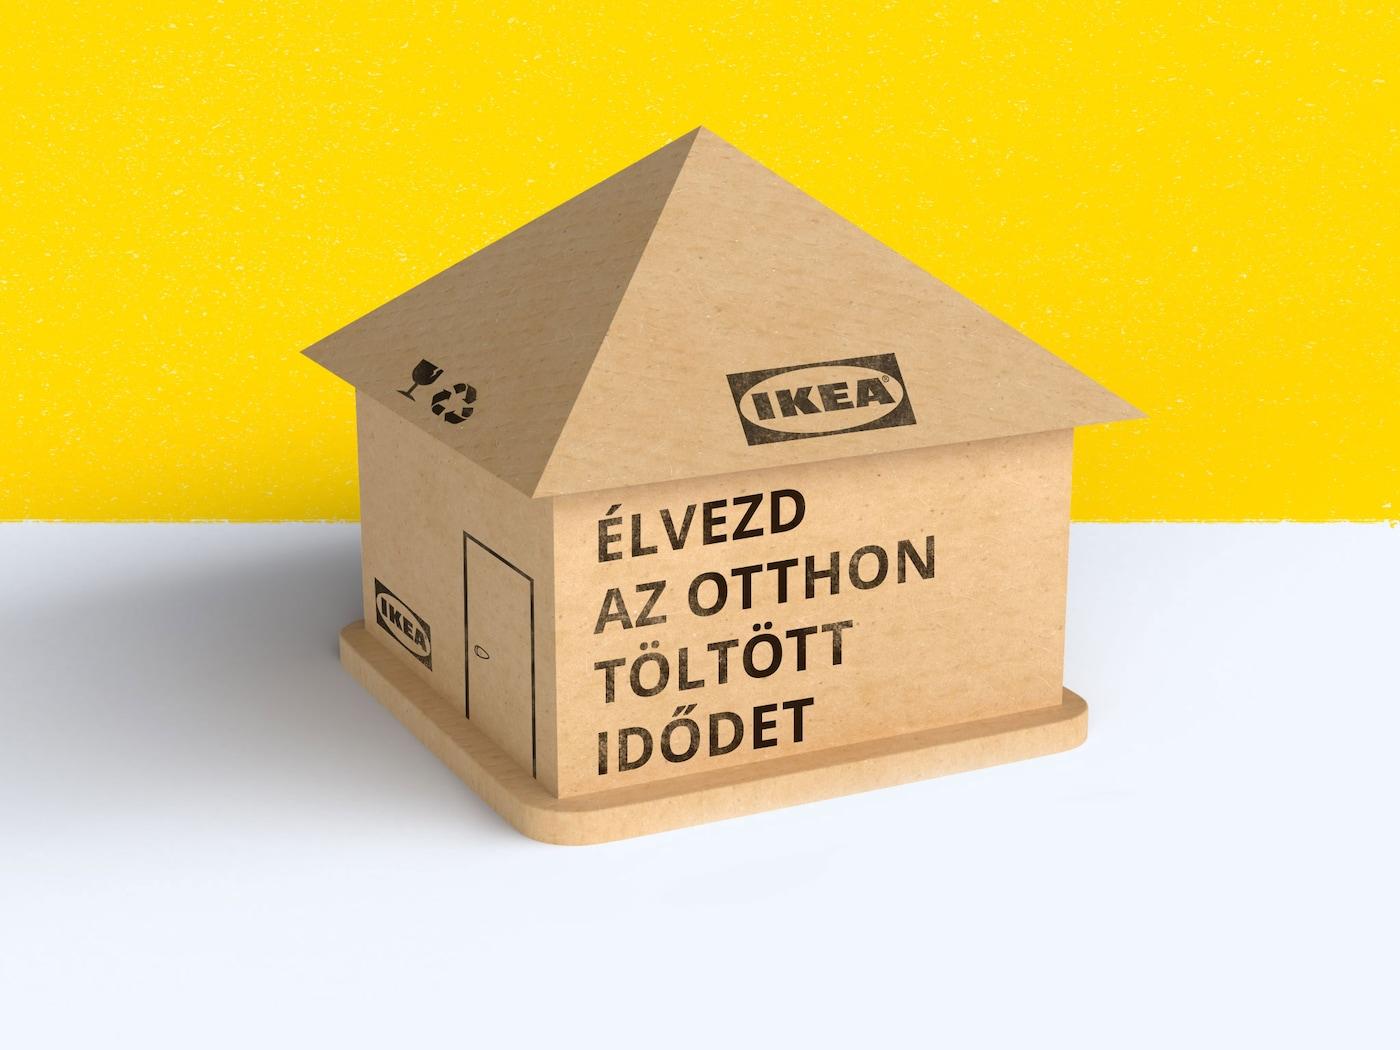 Egy IKEA dobozokból készült házikó, rajta felirat: Élvezd az otthon töltött idődet.